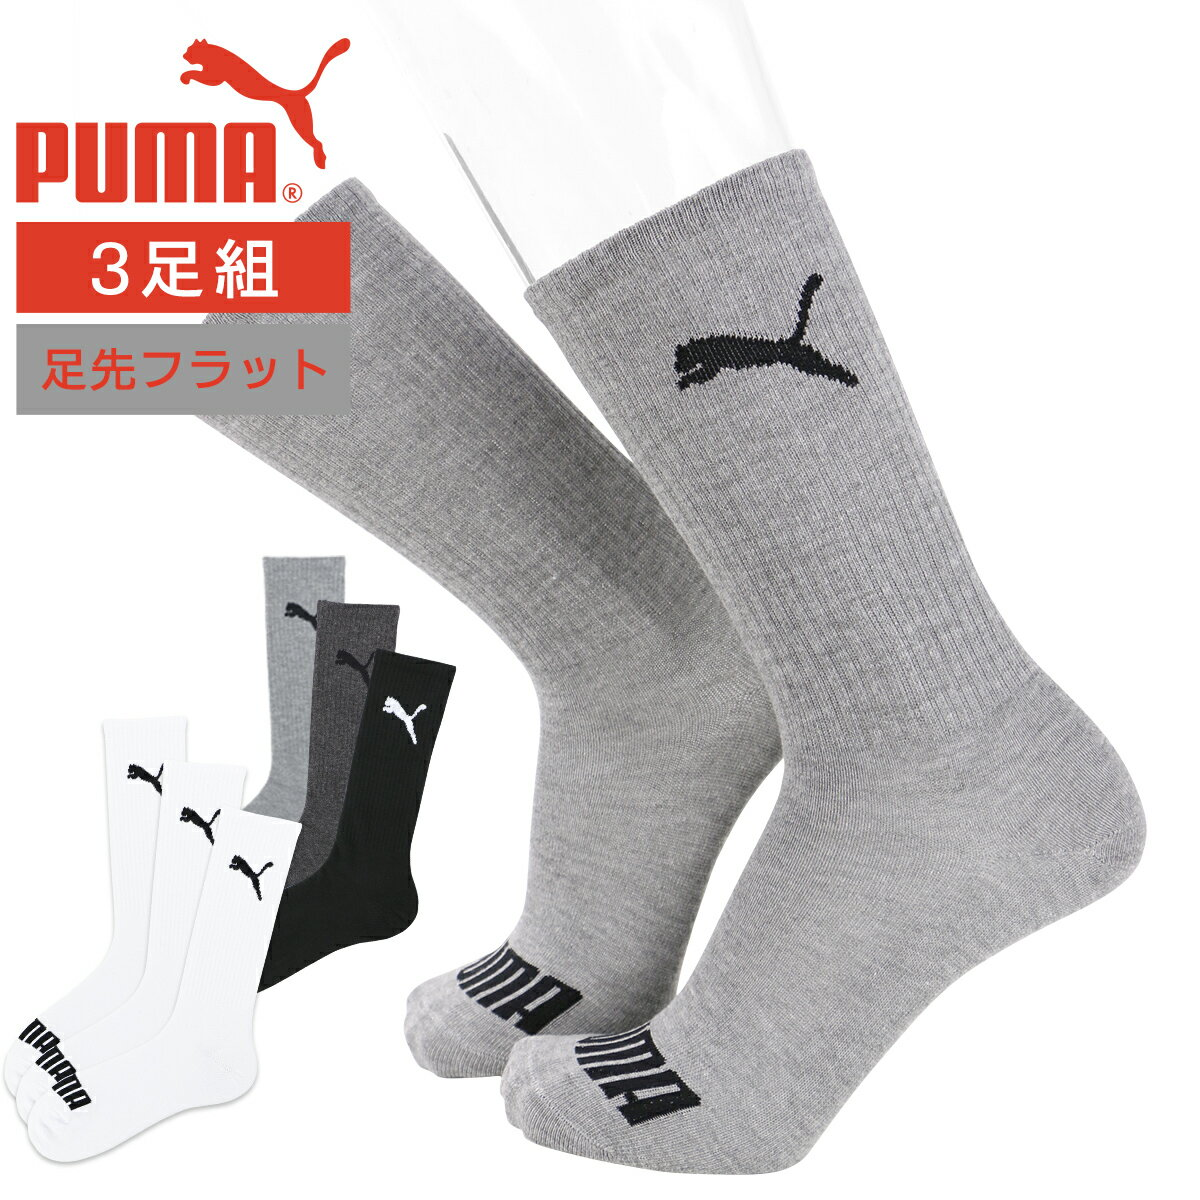 PUMA ( プーマ ) メンズ 靴下 足先フラット ワンポイント・3足組クルー丈 ソックス 2822-411ポイント10倍